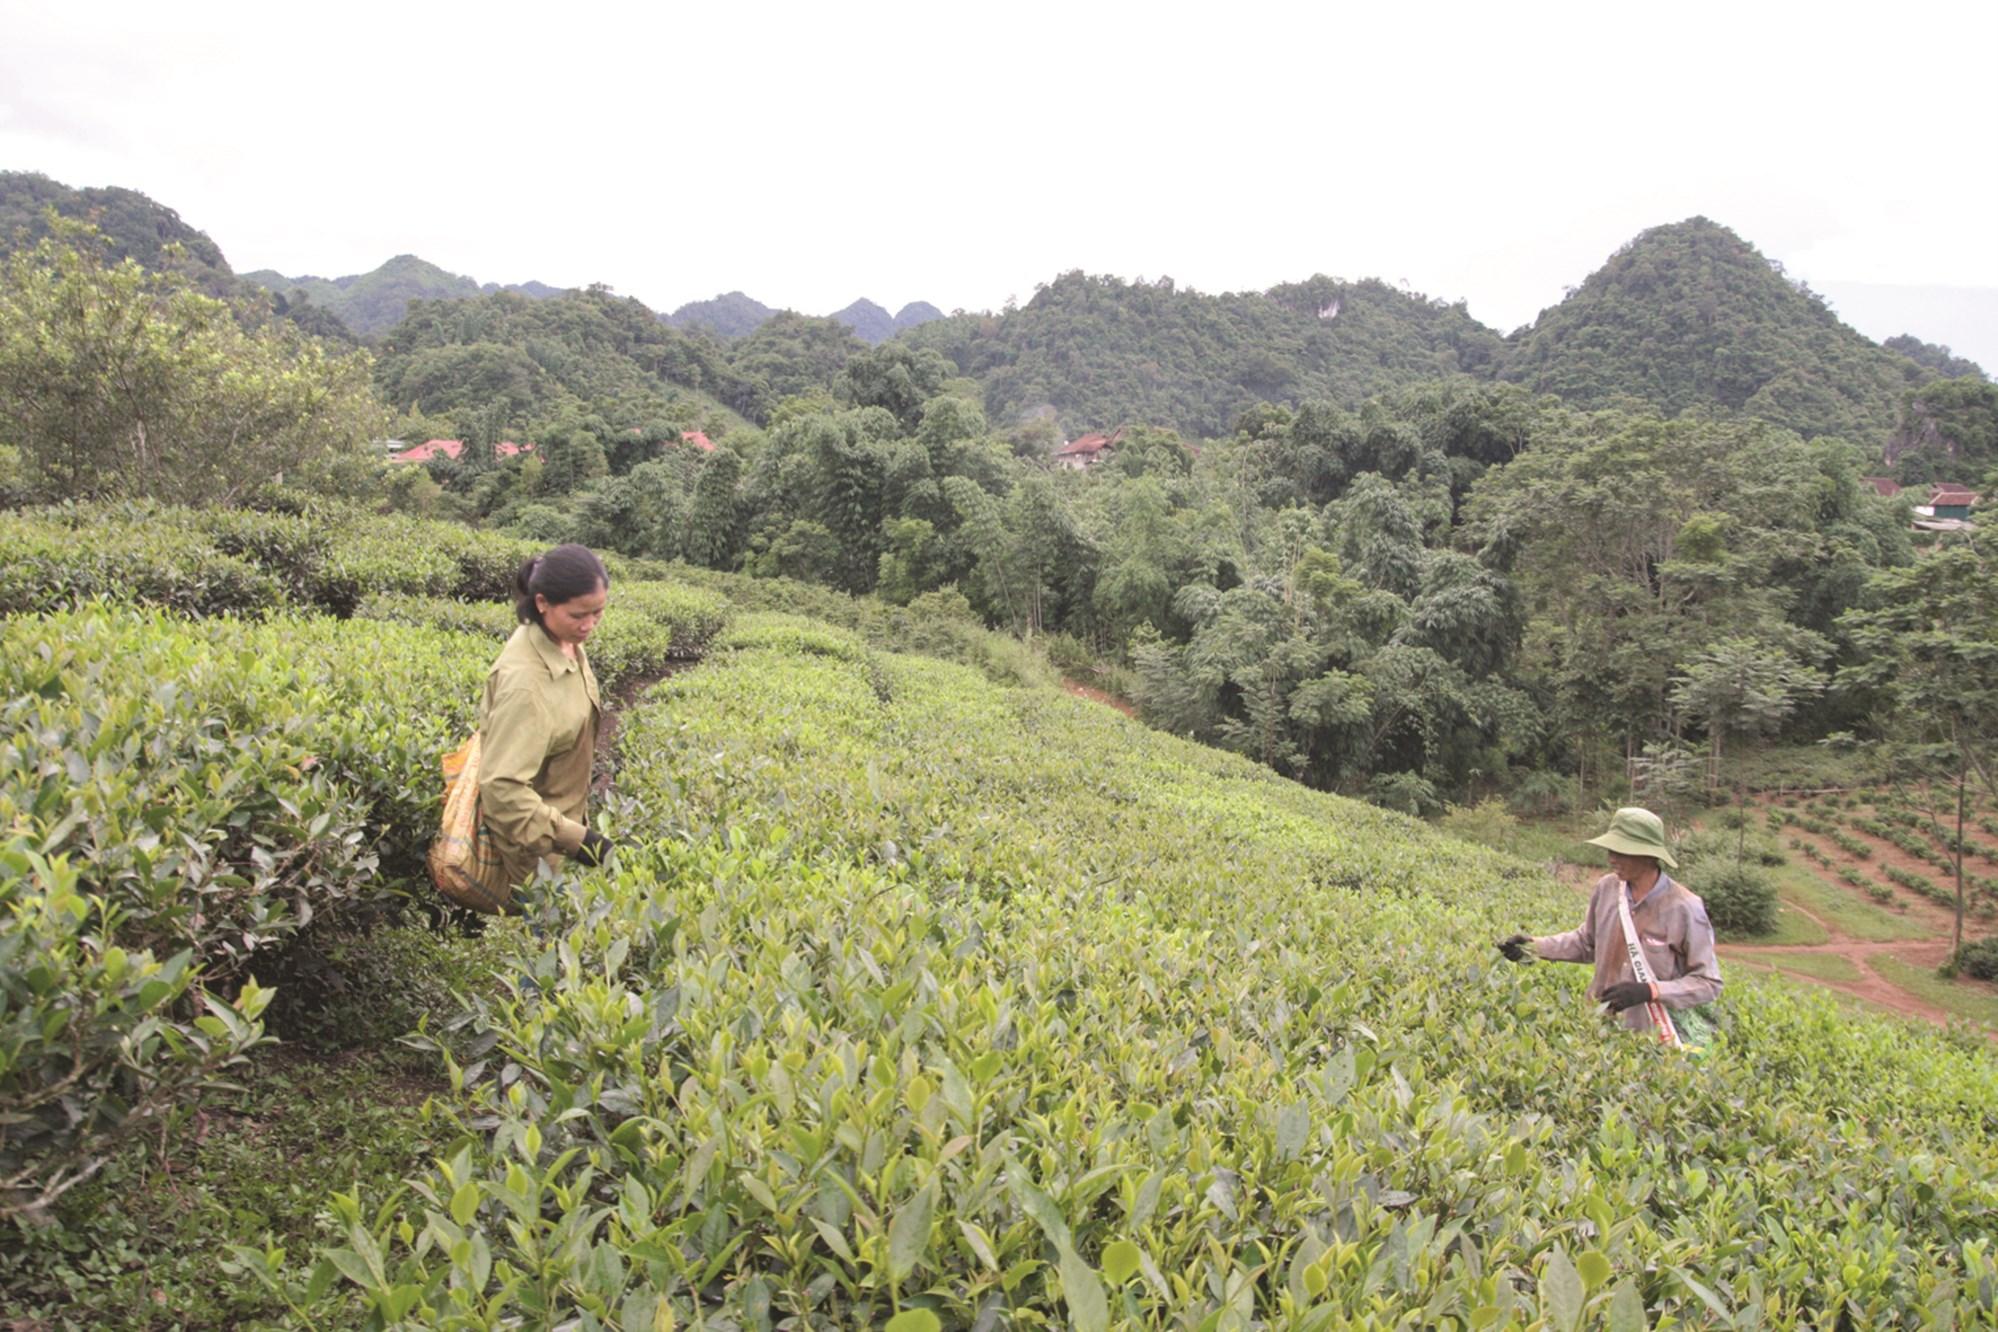 Người dân ở các xã miền núi kinh tế chủ yếu phụ thuộc vào nông - lâm nghiệp nên việc thực hiện tiêu chí thu nhập còn khó khăn.